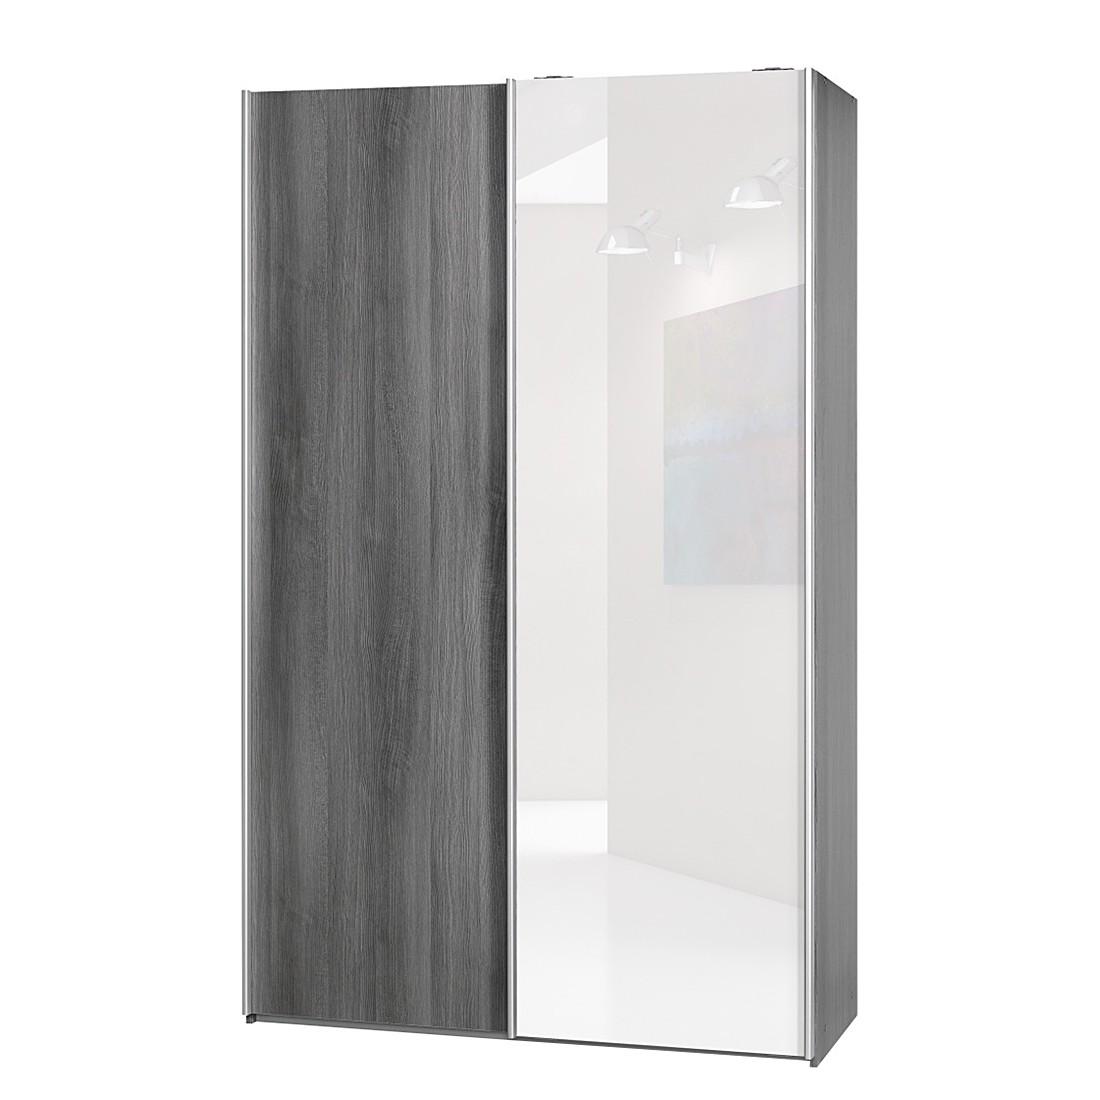 Argent guide d 39 achat for Armoire 2 portes coulissantes largeur 120 cm